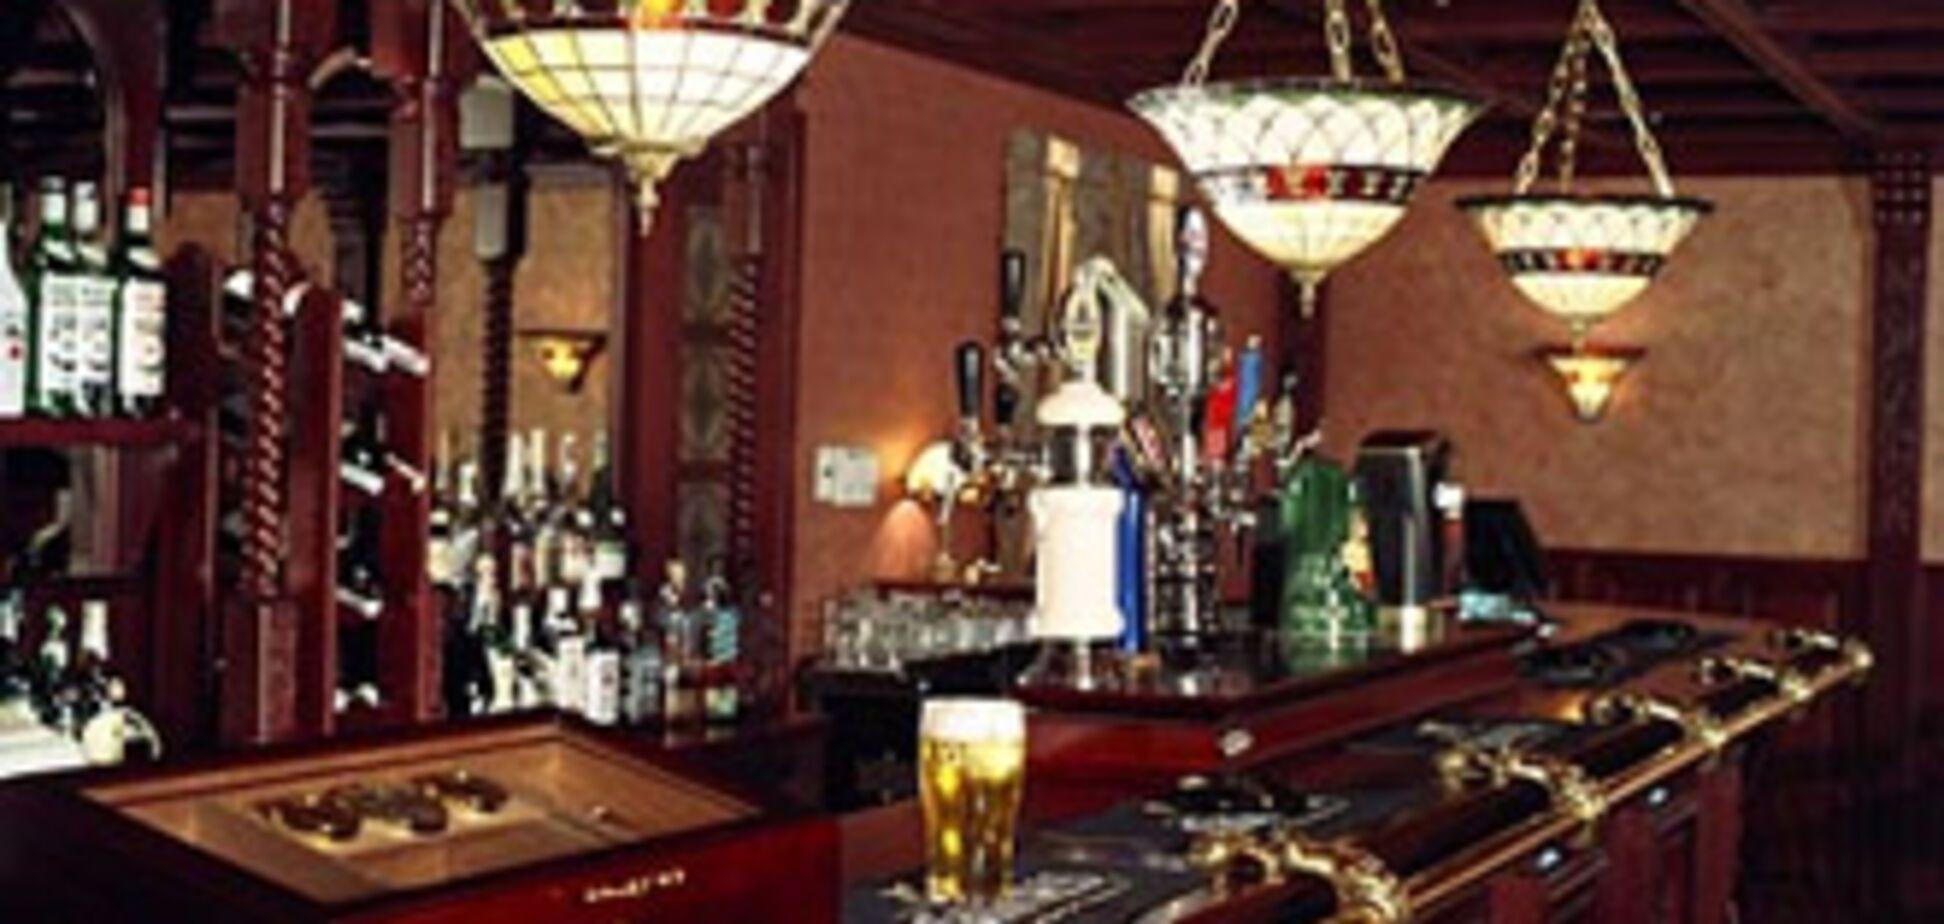 Суперечка за столика в барі закінчився стріляниною